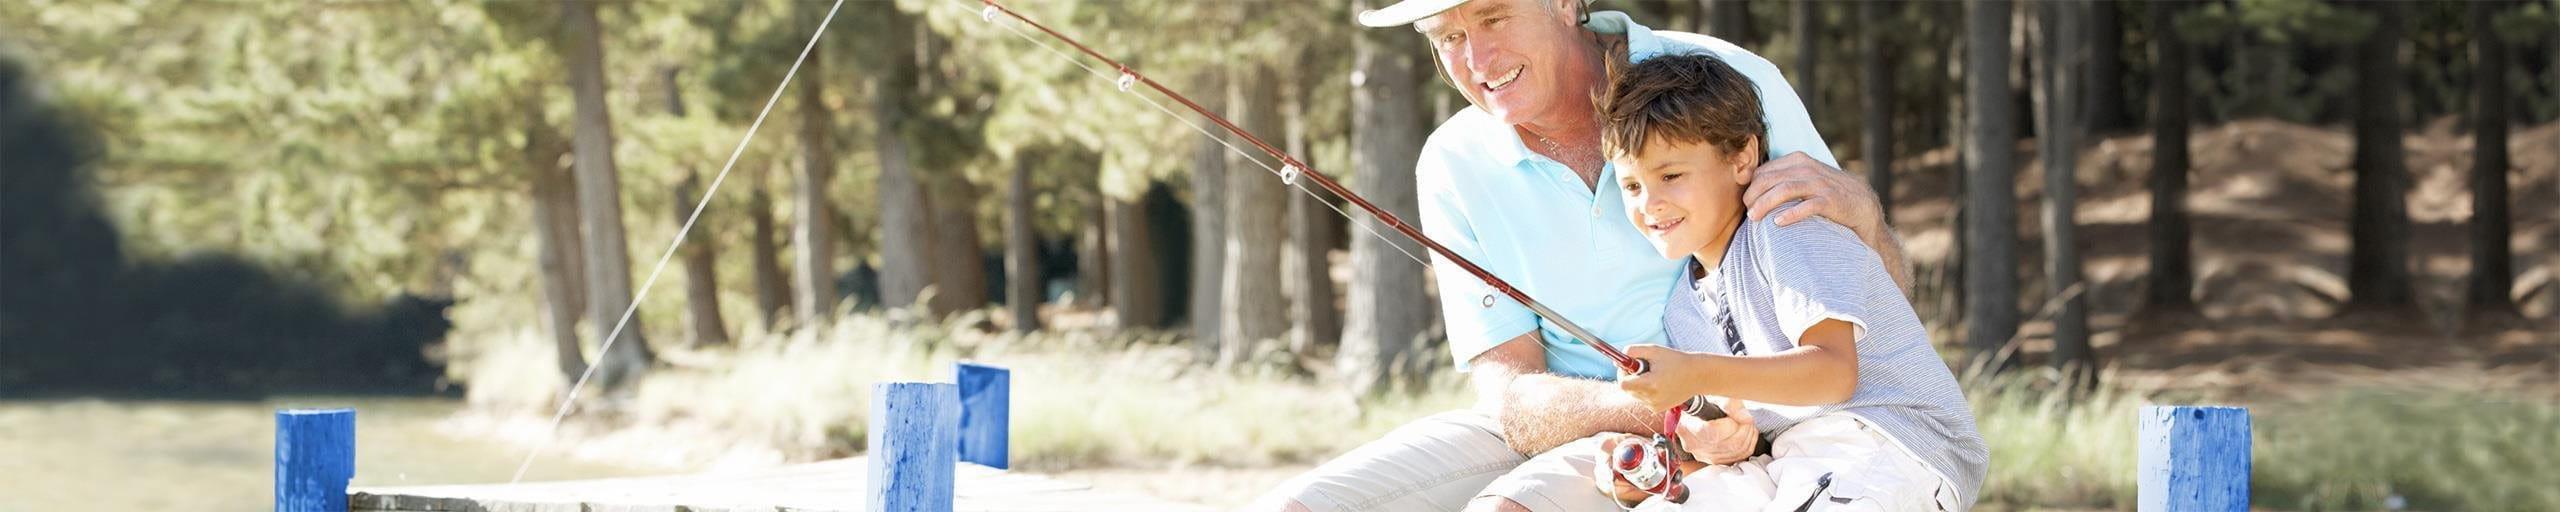 Grossvater und Enkel beim Fischen